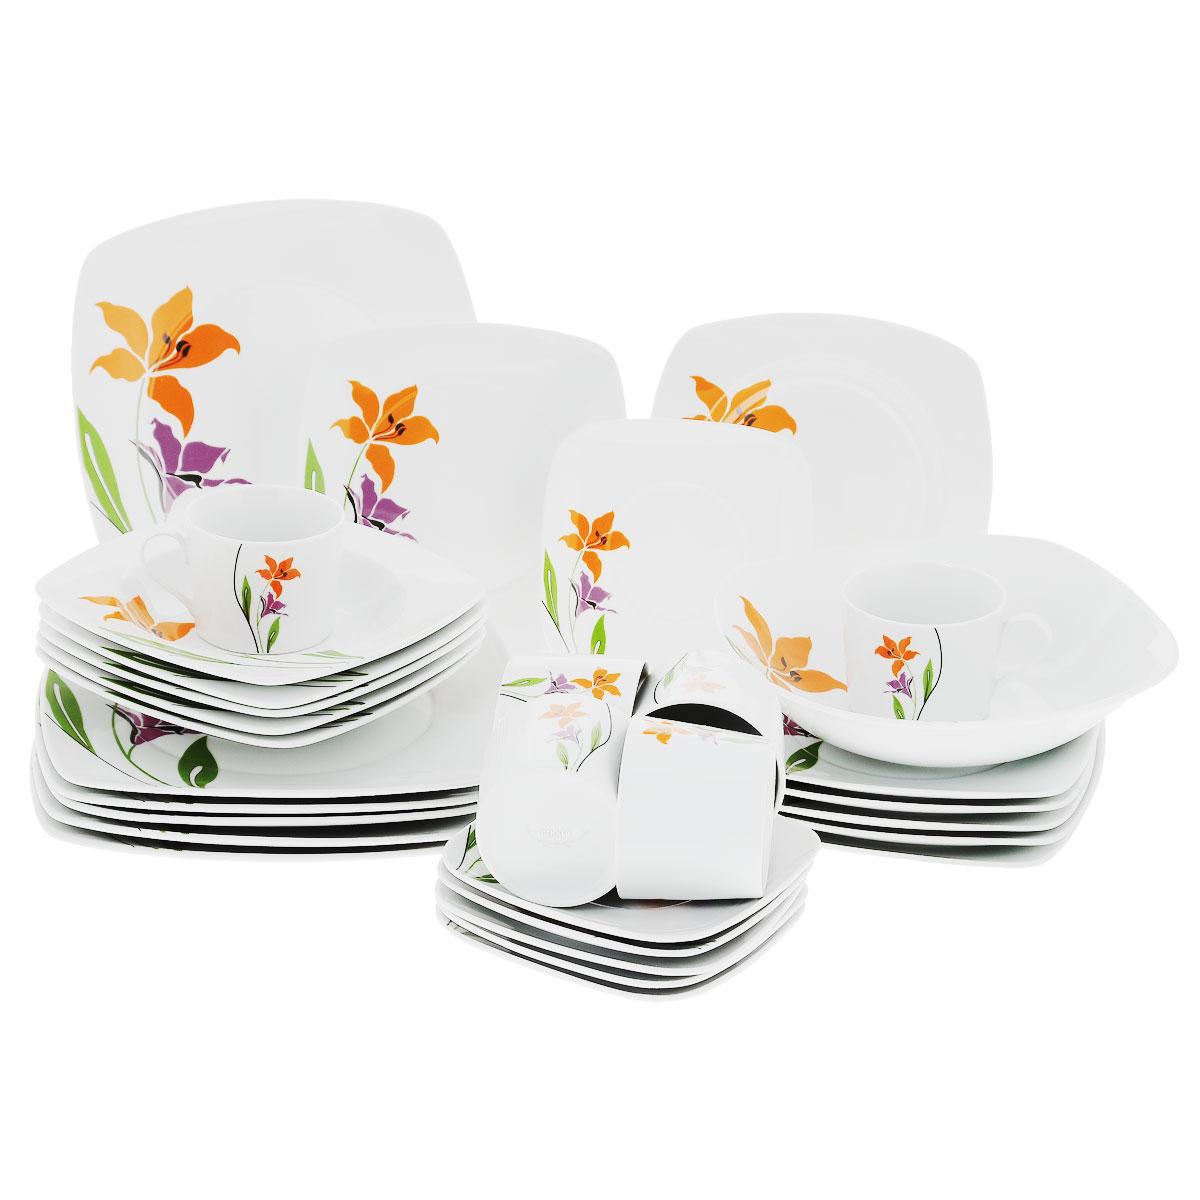 Сервиз обеденный Bekker, 31 предмет. BK-7275BK-7275Обеденный сервиз Bekker состоит из 6 суповых тарелок, 6 обеденных тарелок, 6 десертных тарелок, салатника, 6 чашек, 6 блюдец. Тарелки и блюдца имеют квадратную форму. Изделия выполнены из высококачественного фарфора белого цвета и оформлены красивым цветочным орнаментом. Поверхность изделий покрыта превосходной сверкающей глазурью, не содержащей свинца. Такой сервиз придется по вкусу любителям классики и тем, кто предпочитает утонченность и изысканность. Сервиз создаст хорошую атмосферу во время обеда и красиво оформит сервировку стола. Прекрасно подходит для ежедневного использования. Размер суповой тарелки: 21 см х 21 см. Размер обеденной тарелки: 26 см х 26 см. Размер десертной тарелки: 21 см х 21 см. Размер салатника: 23 см х 23 см. Объем чашки: 250 мл. Диаметр чашки (по верхнему краю): 8,5 см. Высота чашки: 7 см. Размер блюдца: 16 см х 16 см.